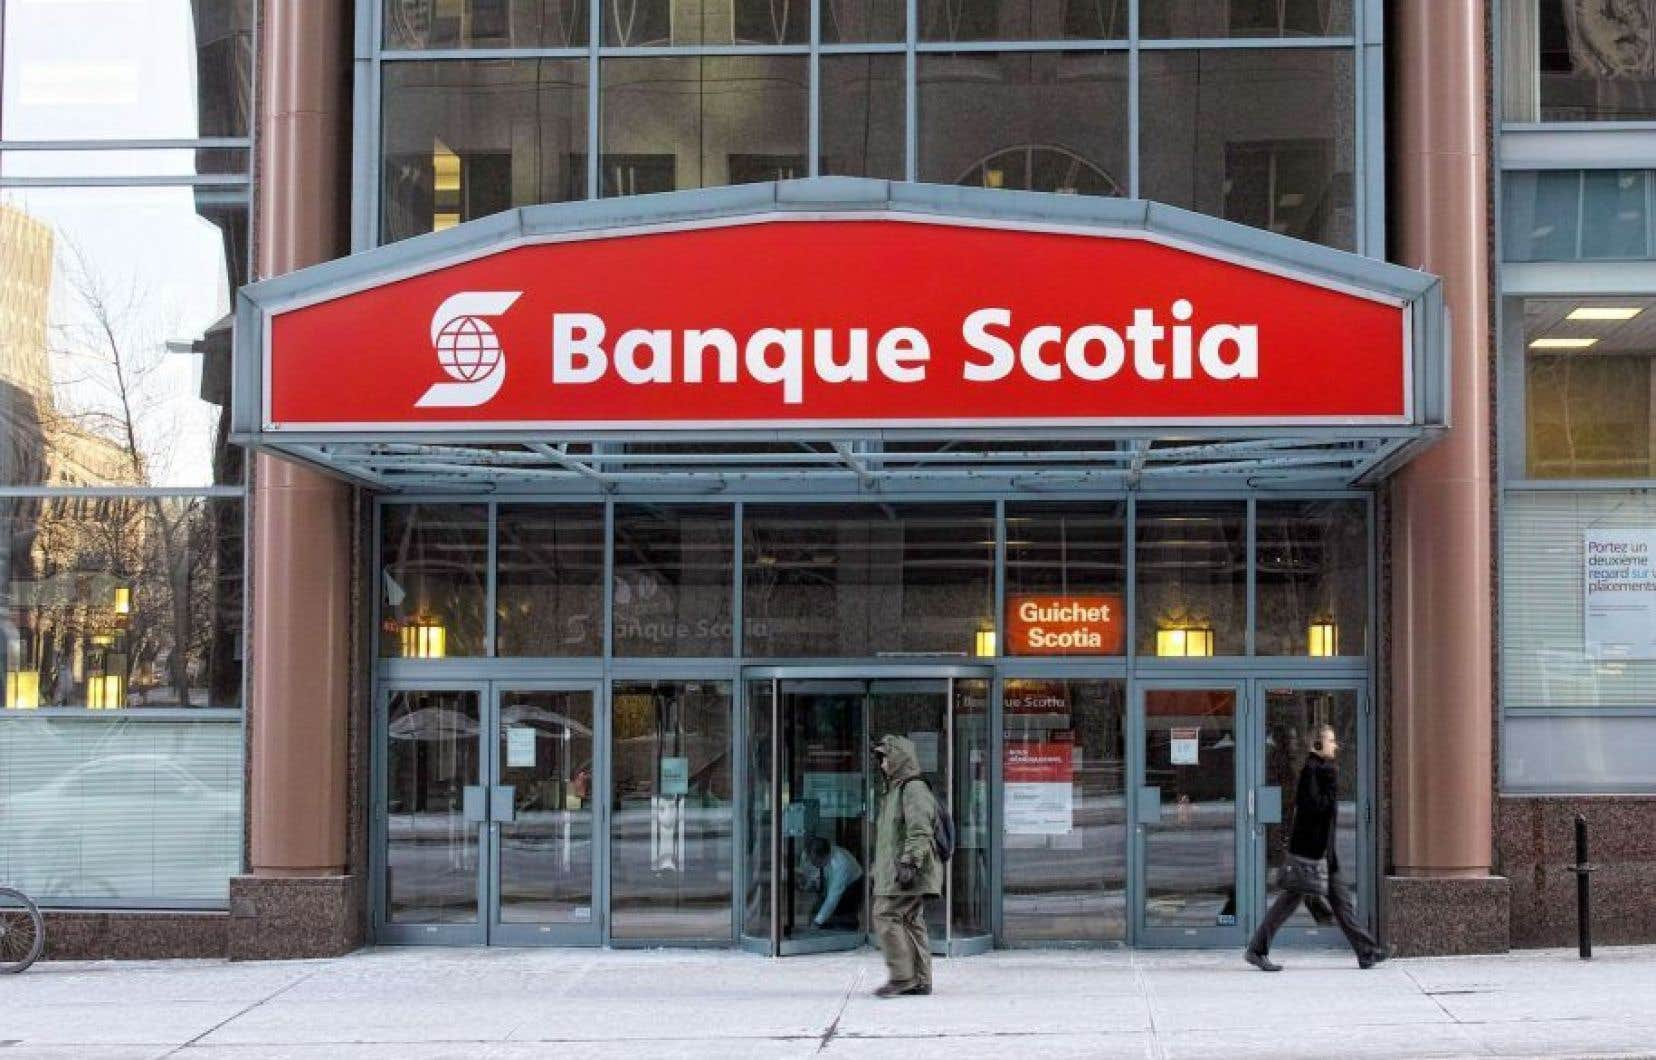 Au mois d'août, un nouveau producteur de marijuana médicinale a reçu un appel de la Banque Scotia pour l'avertir que l'institution ne ferait plus affaire avec les entreprises liées au cannabis.